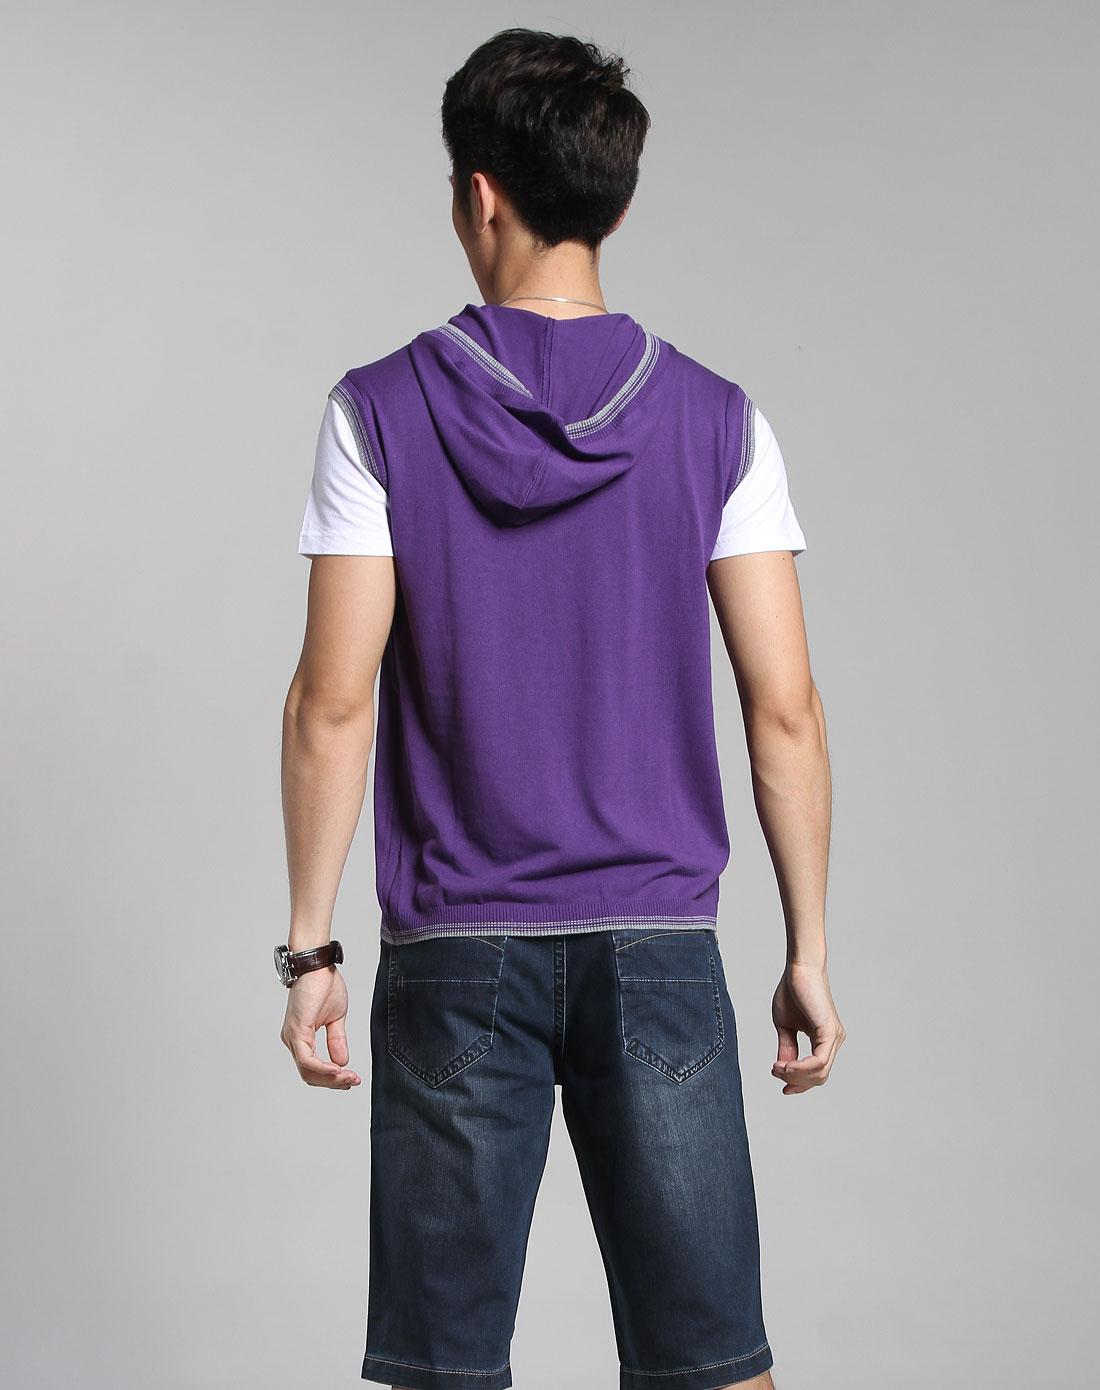 男款深紫色假两件套连帽短袖t恤图片